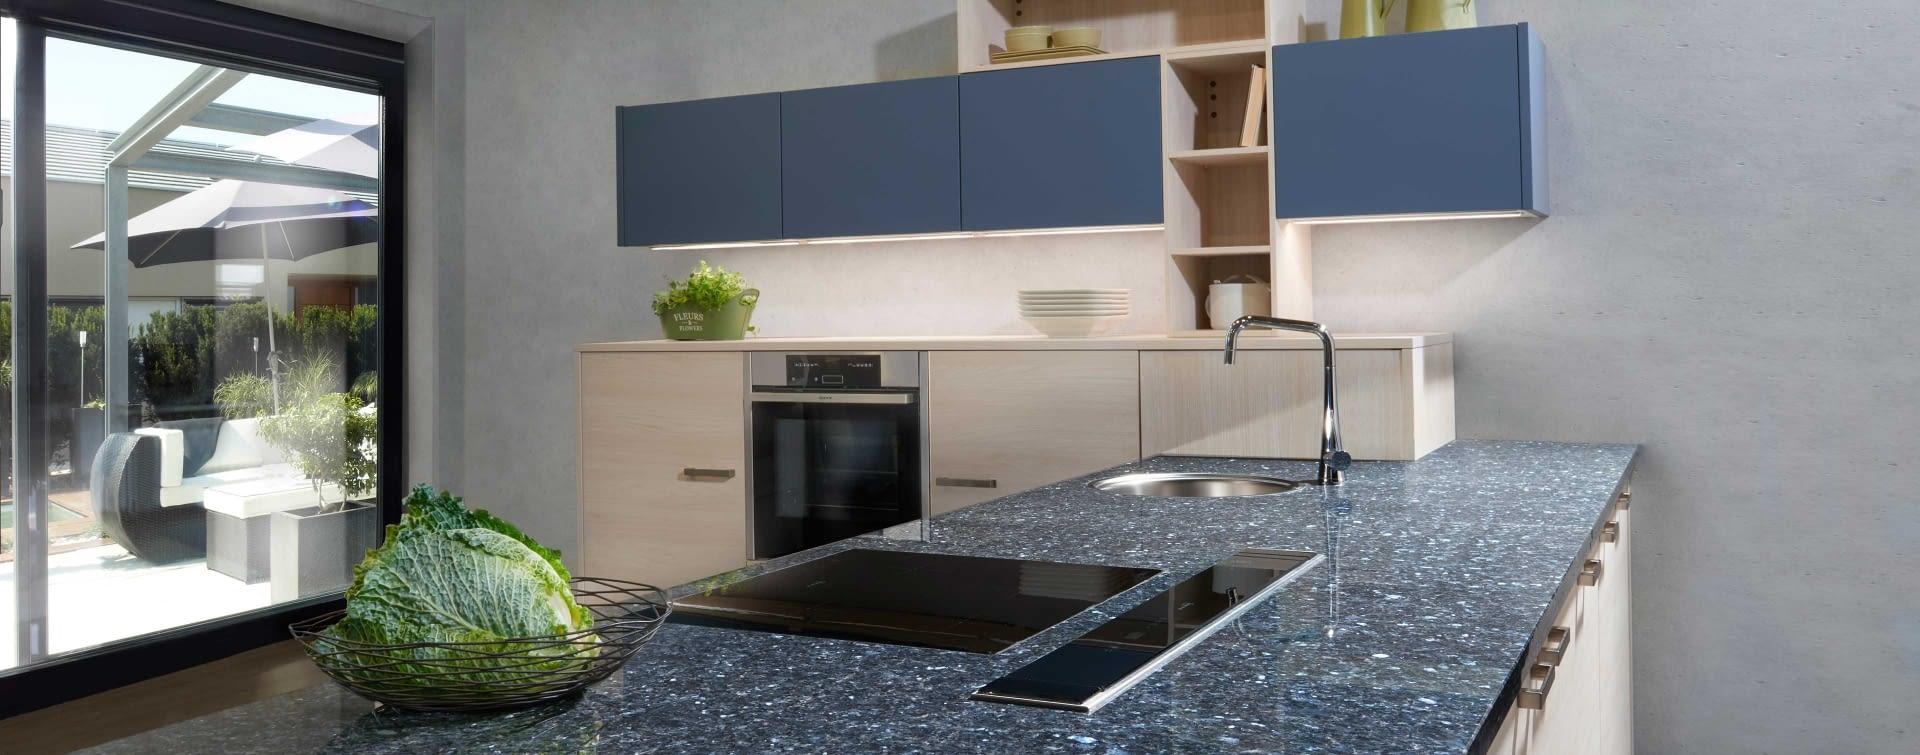 k chenarbeitsplatten im vergleich marquardt k chen. Black Bedroom Furniture Sets. Home Design Ideas